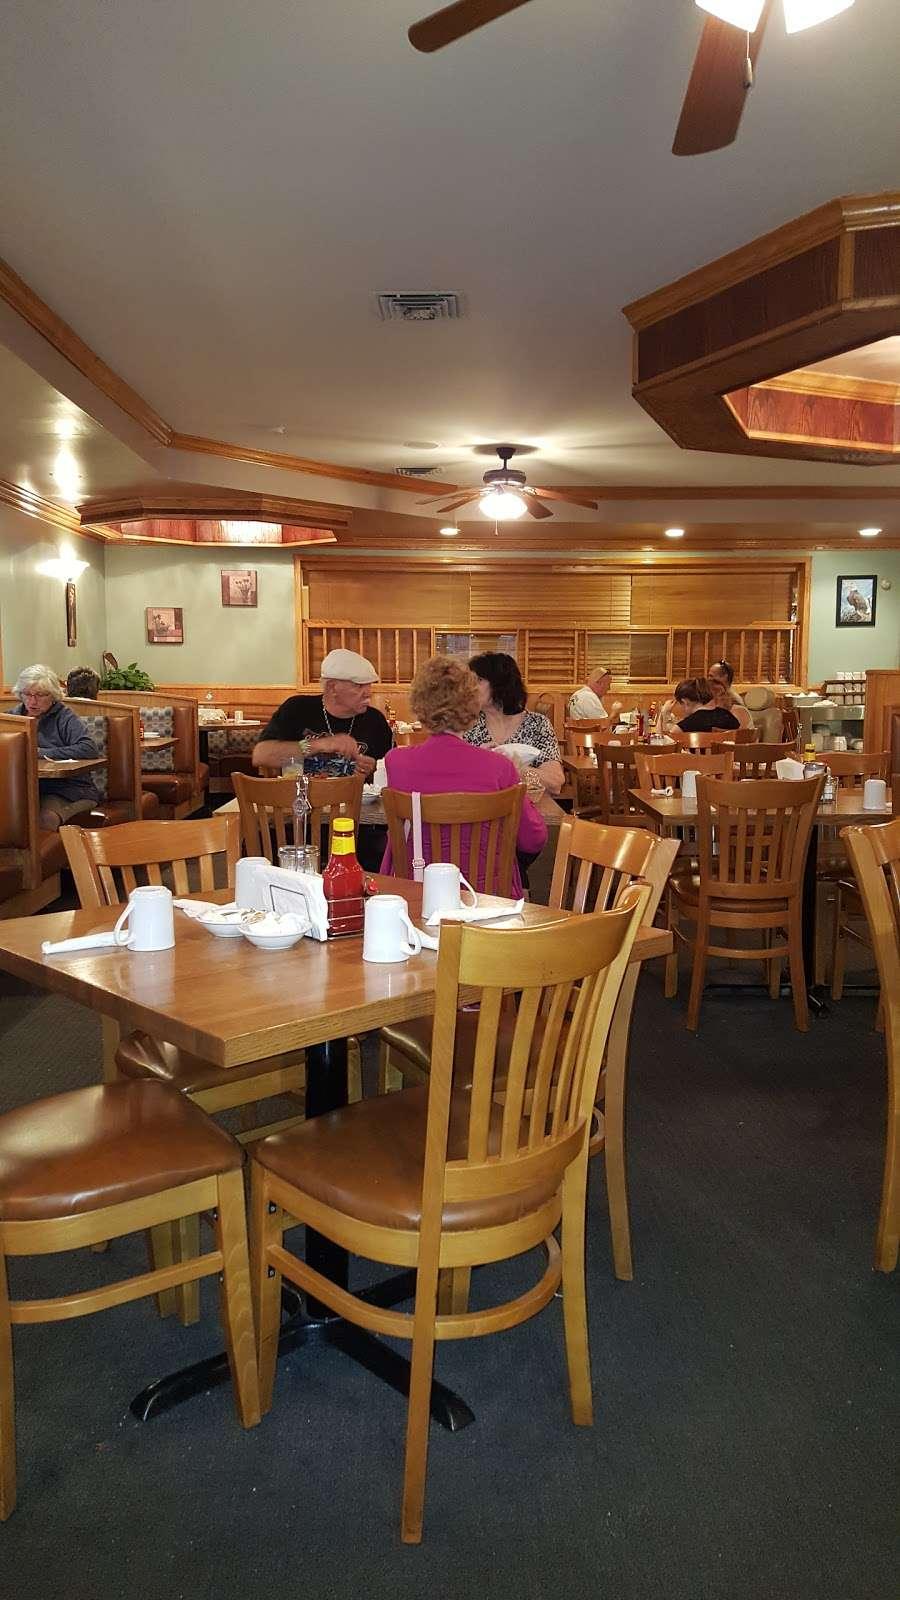 Pontiac Family Kitchen - restaurant  | Photo 1 of 10 | Address: 904 W Custer Ave, Pontiac, IL 61764, USA | Phone: (815) 844-3155